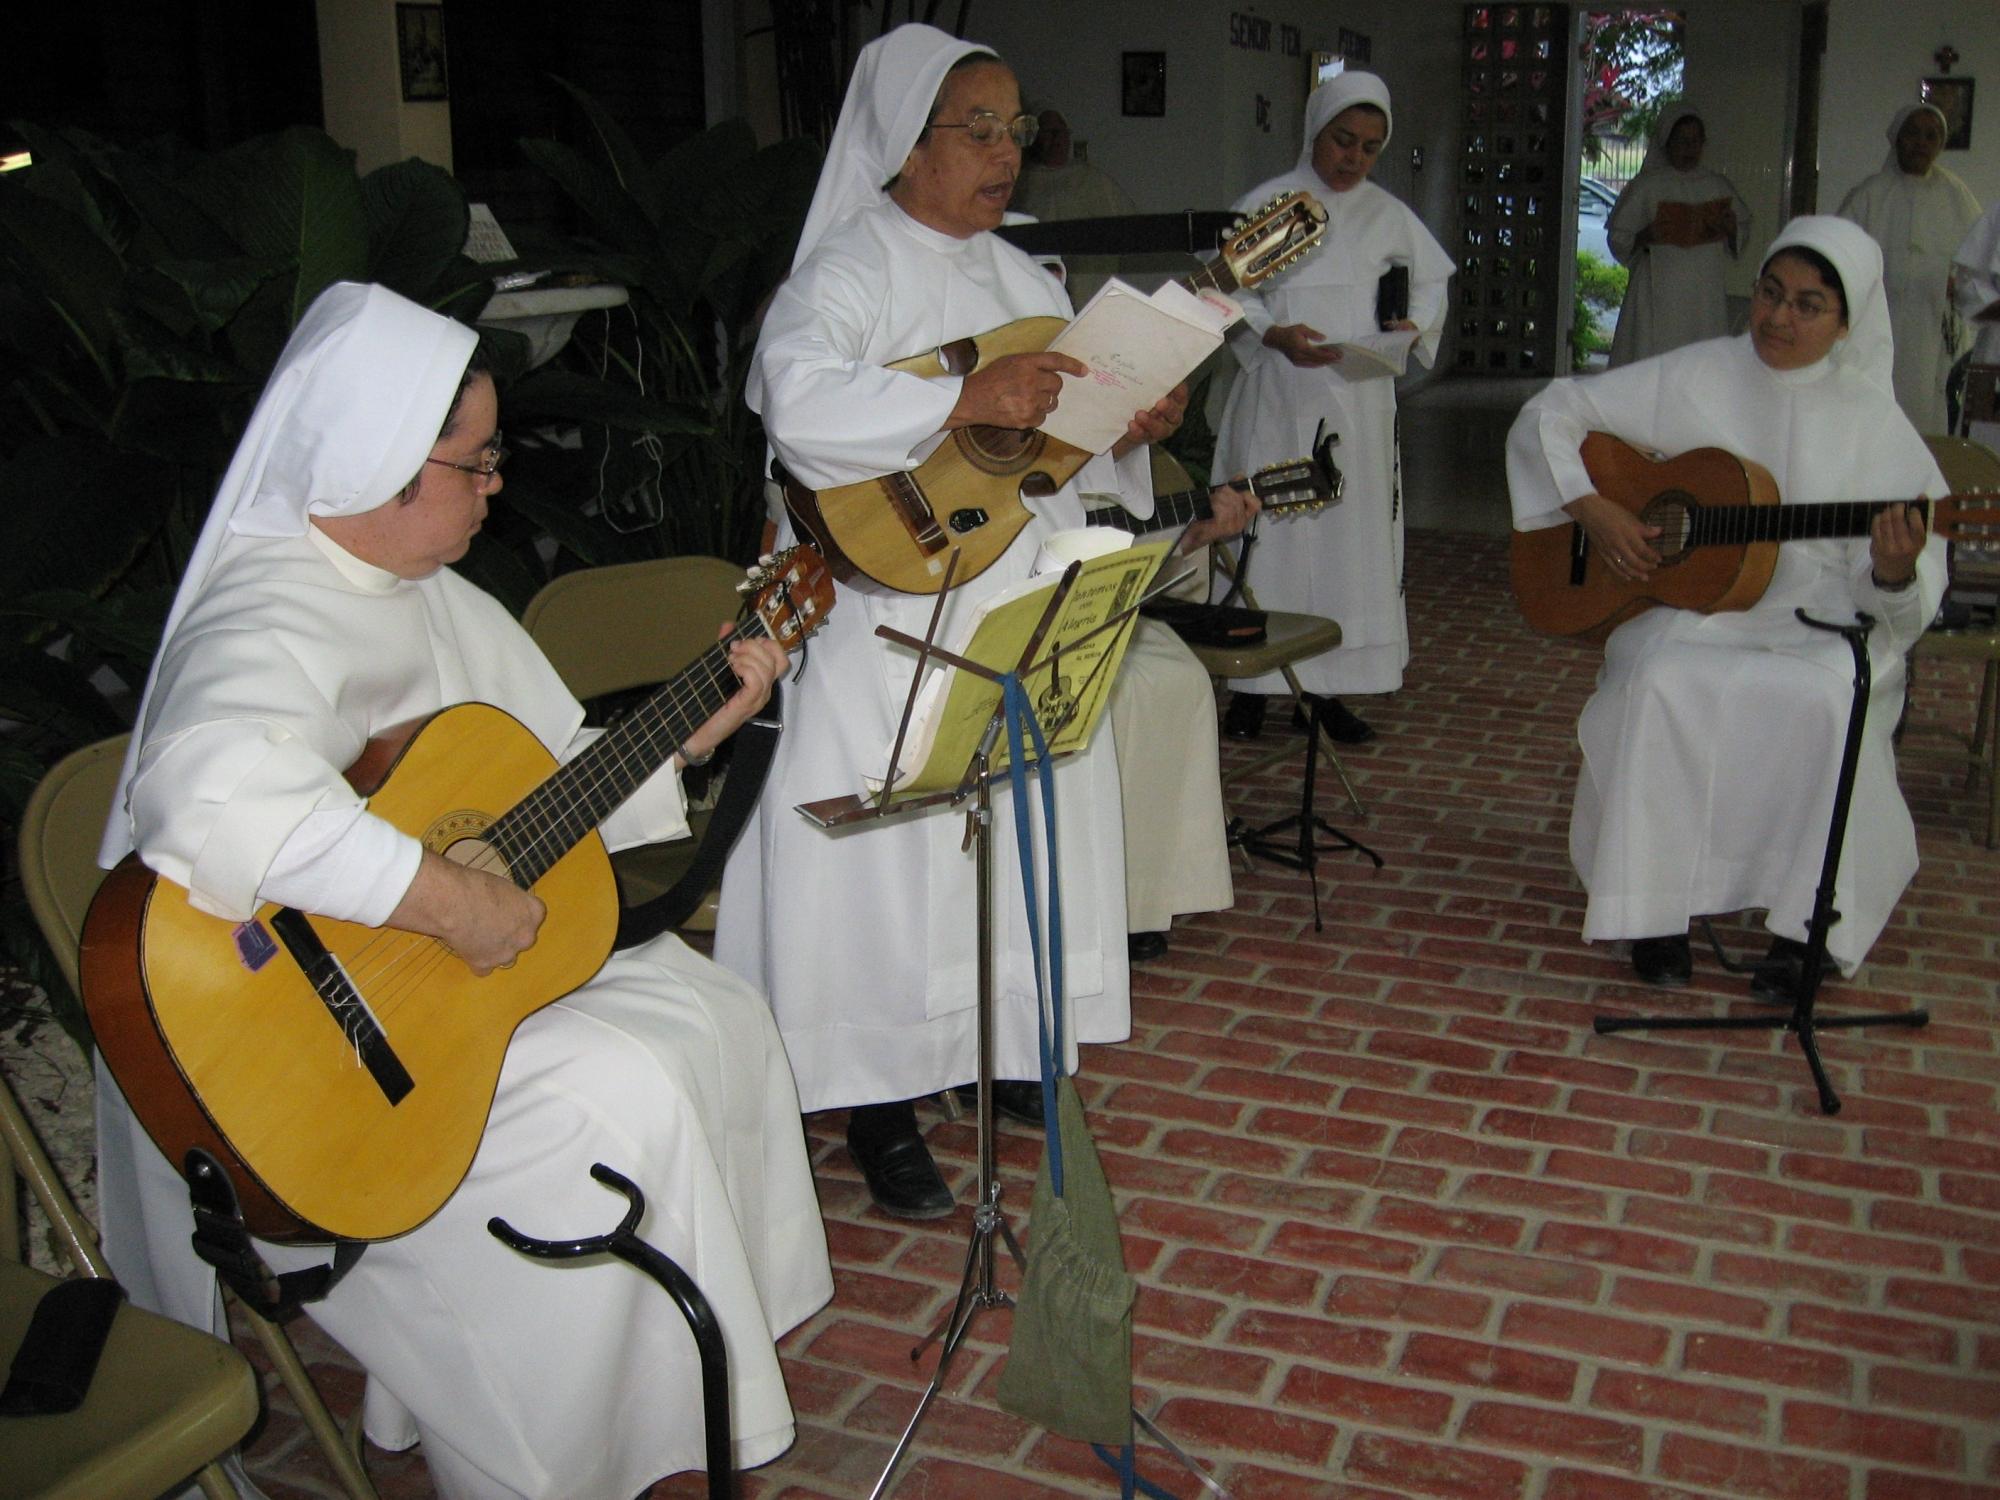 Coro Ntra Sra de Fatima